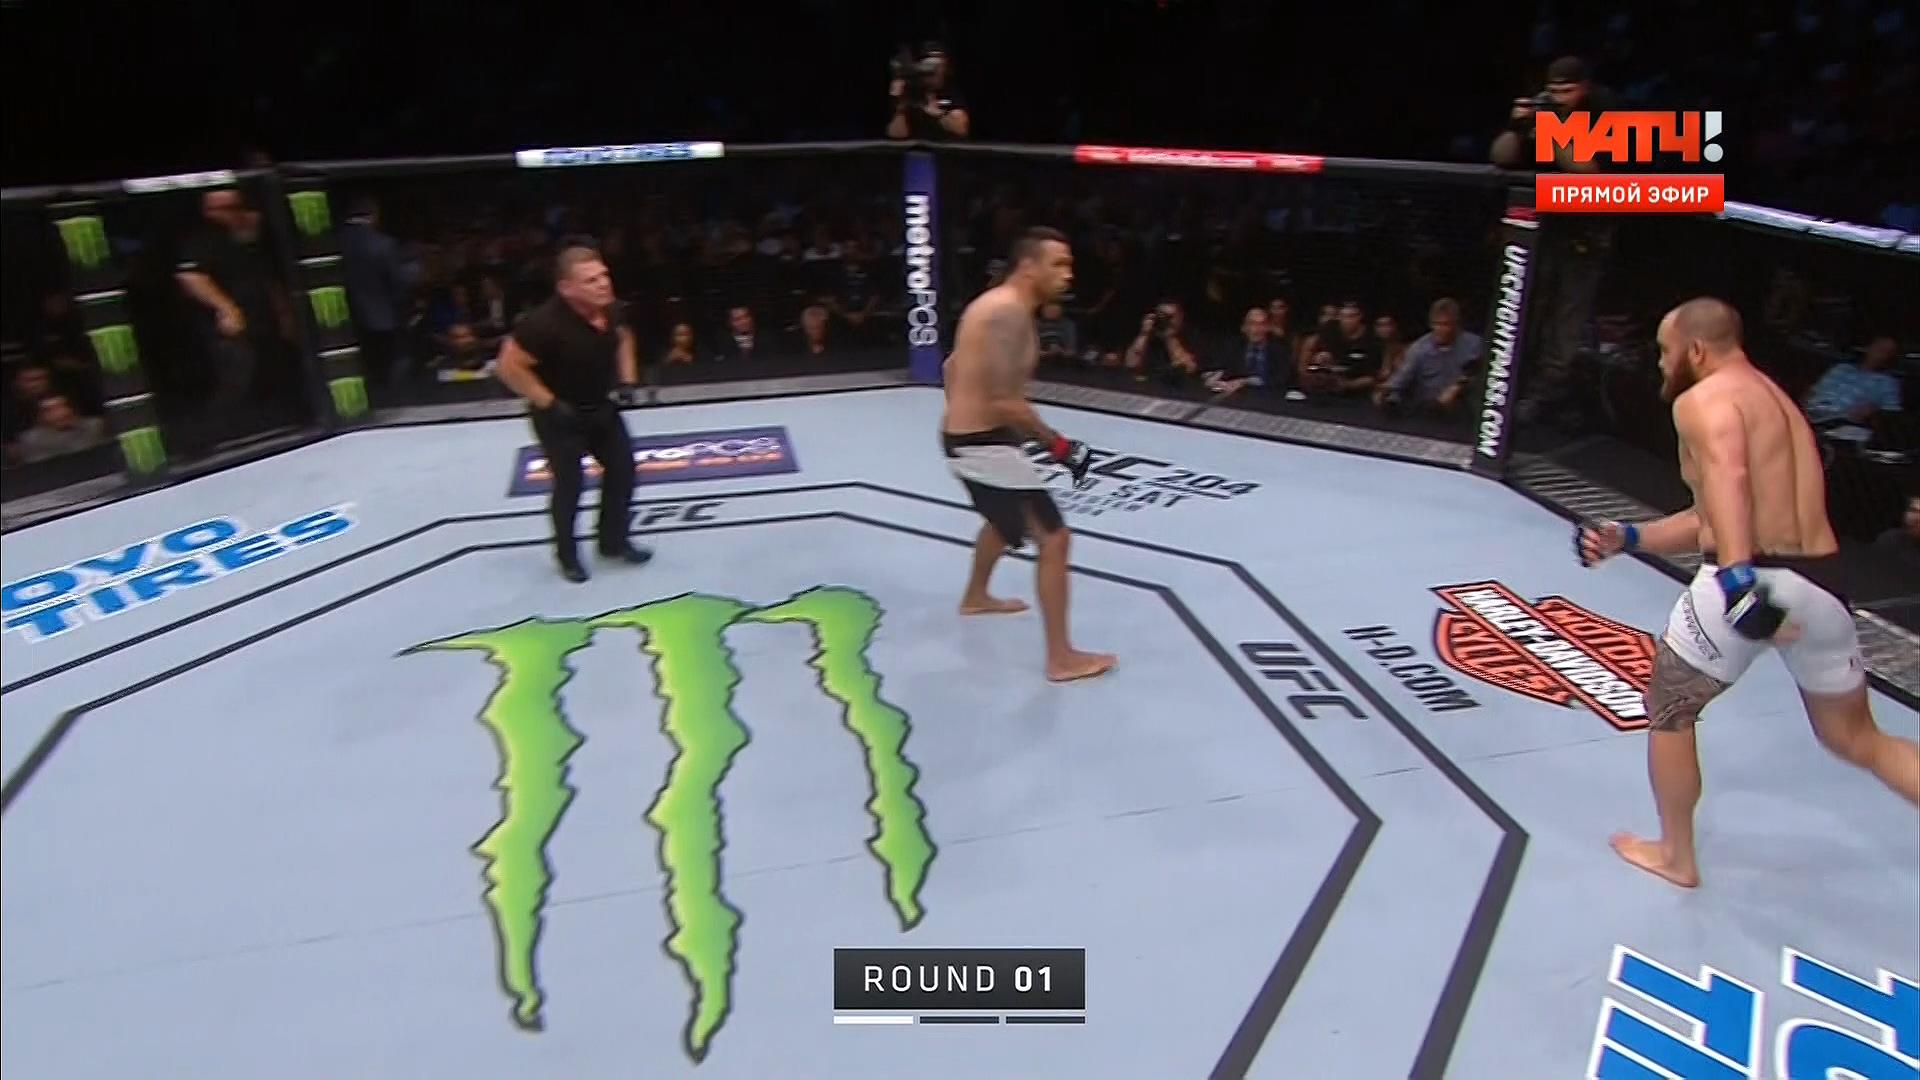 Смешанные единоборства. UFC 203: Miocic vs. Overeem. Main Card [10.09] | HDTV 1080i